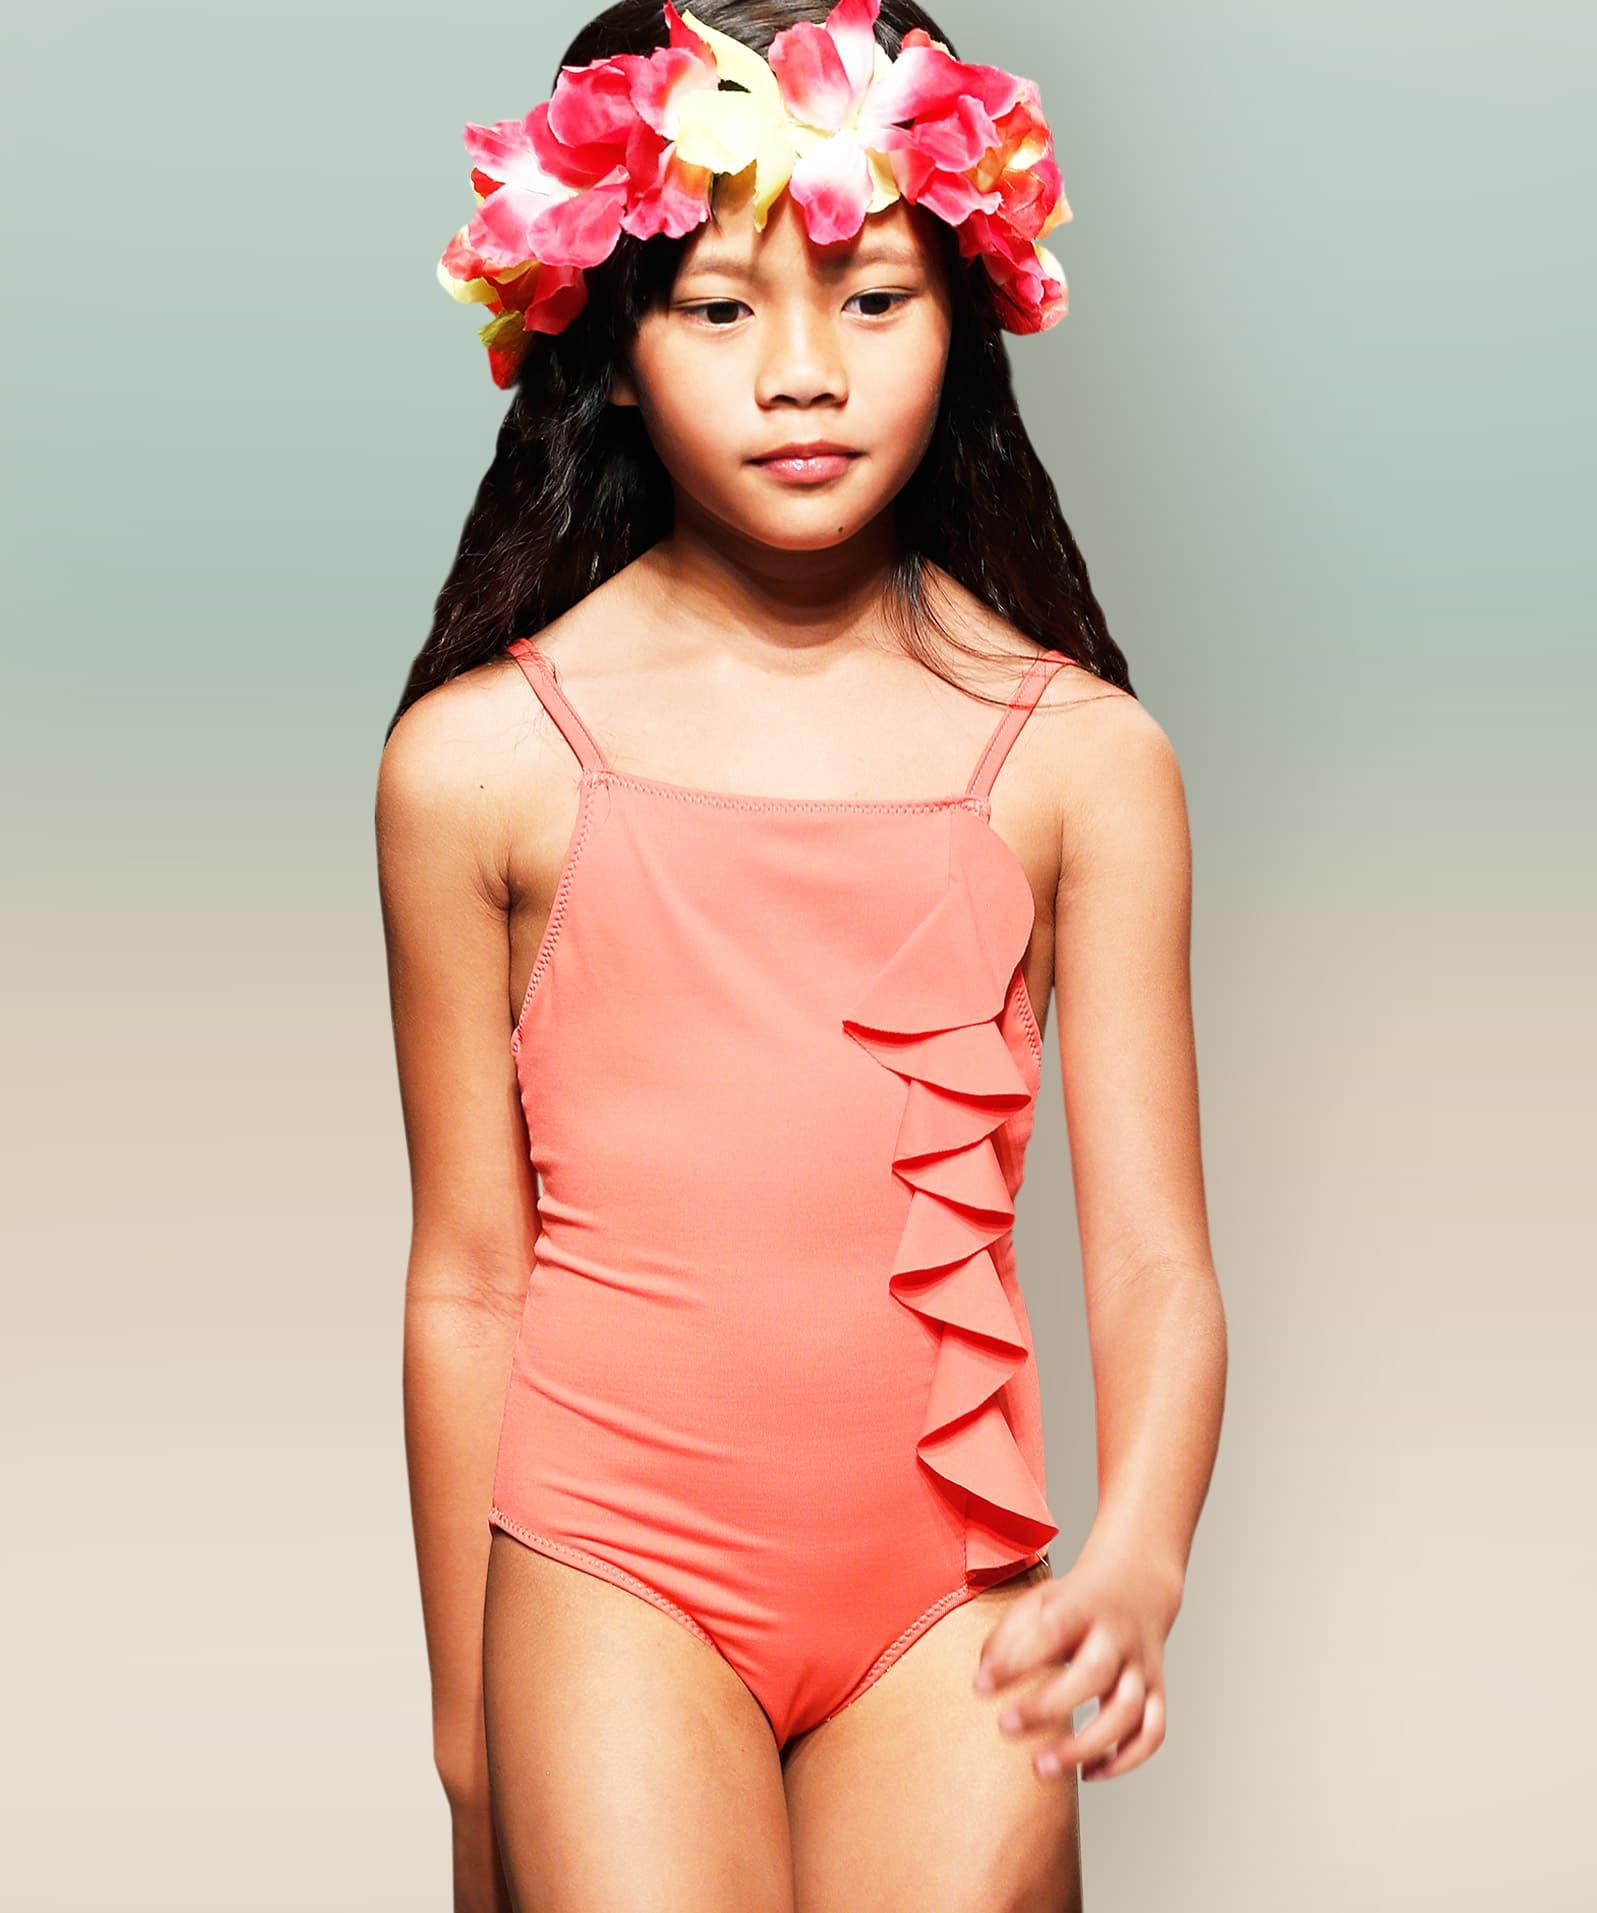 Zeigt ein Mädchen in einem Badeanzug. Das Foto dient als Vorlage für die Schnittkonstrukton.